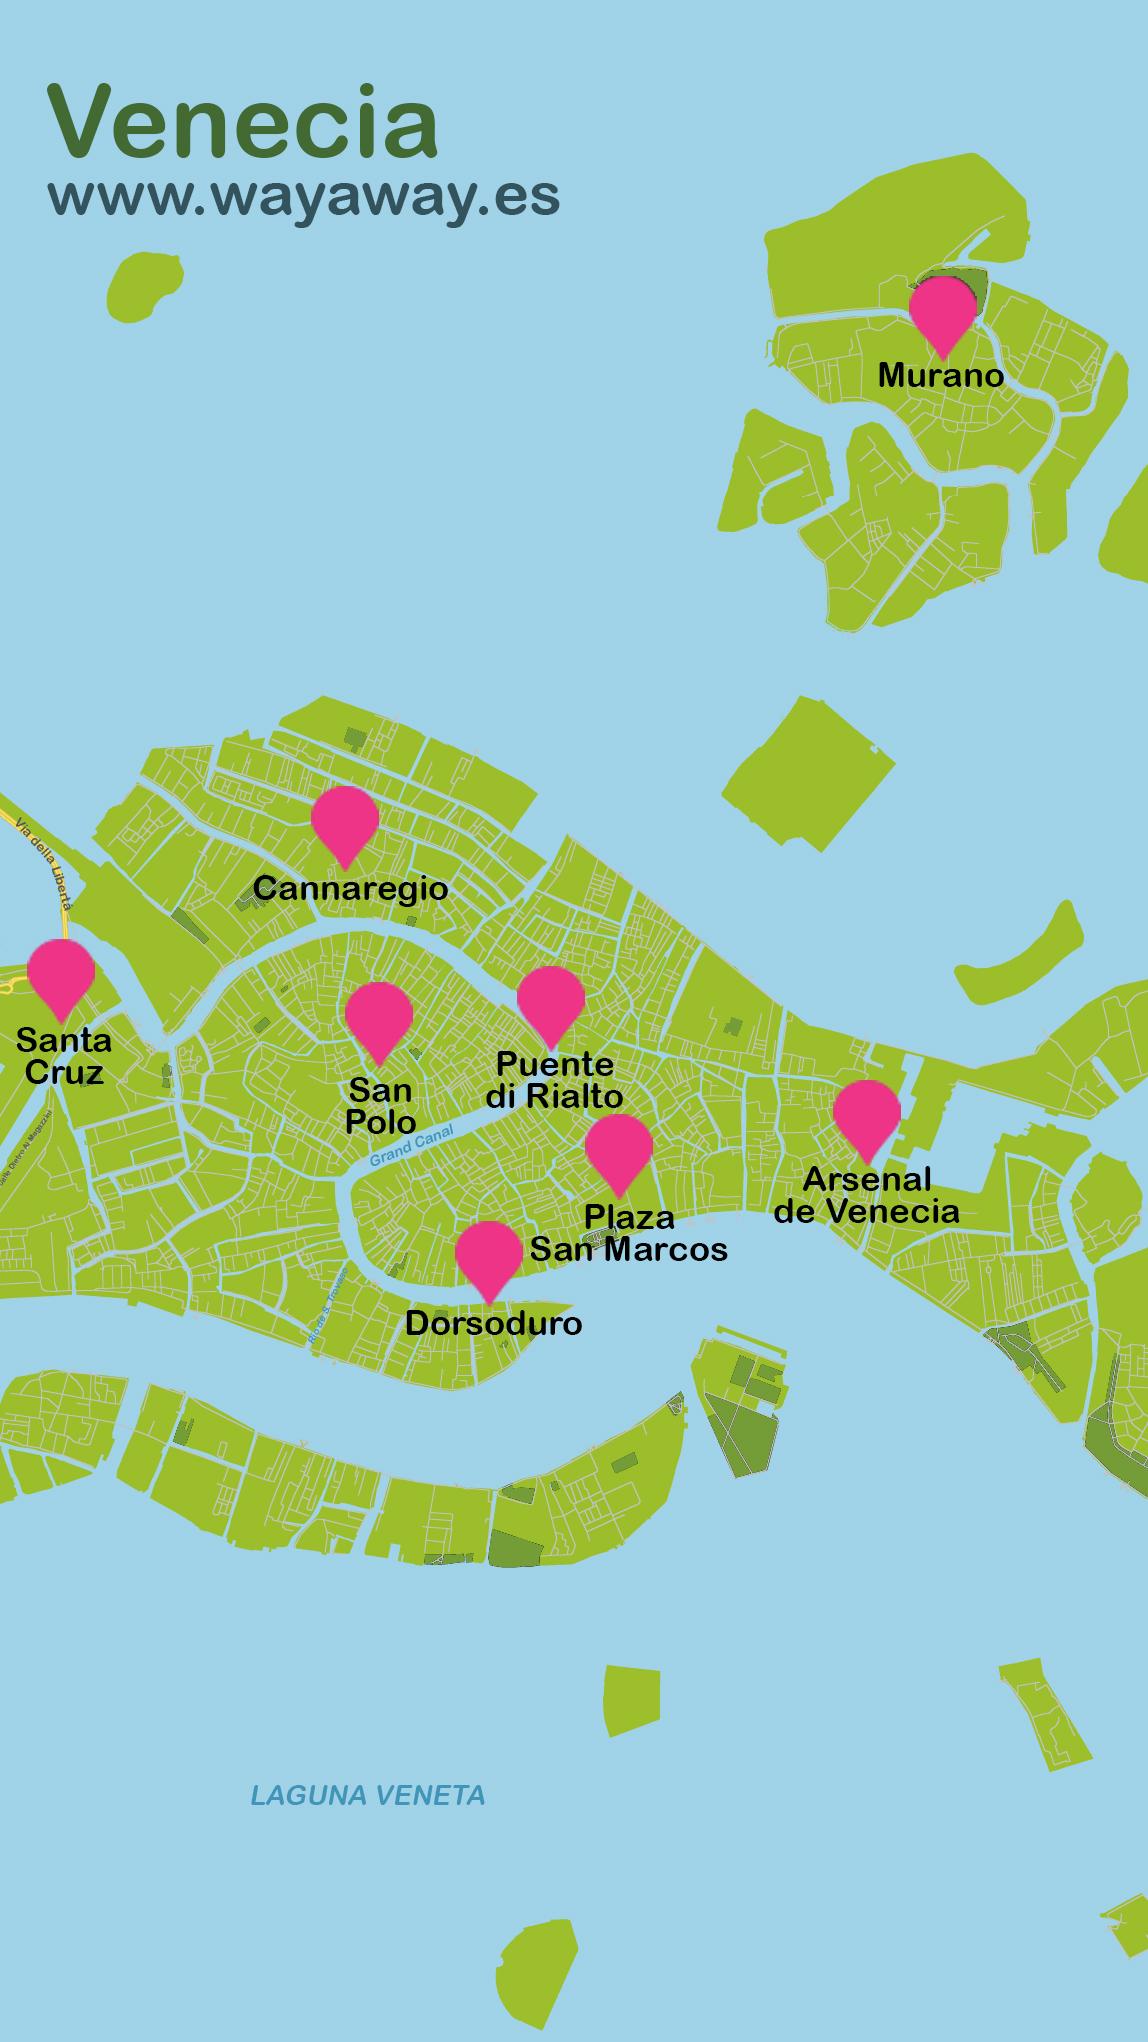 Mapa de Venecia #onlyes